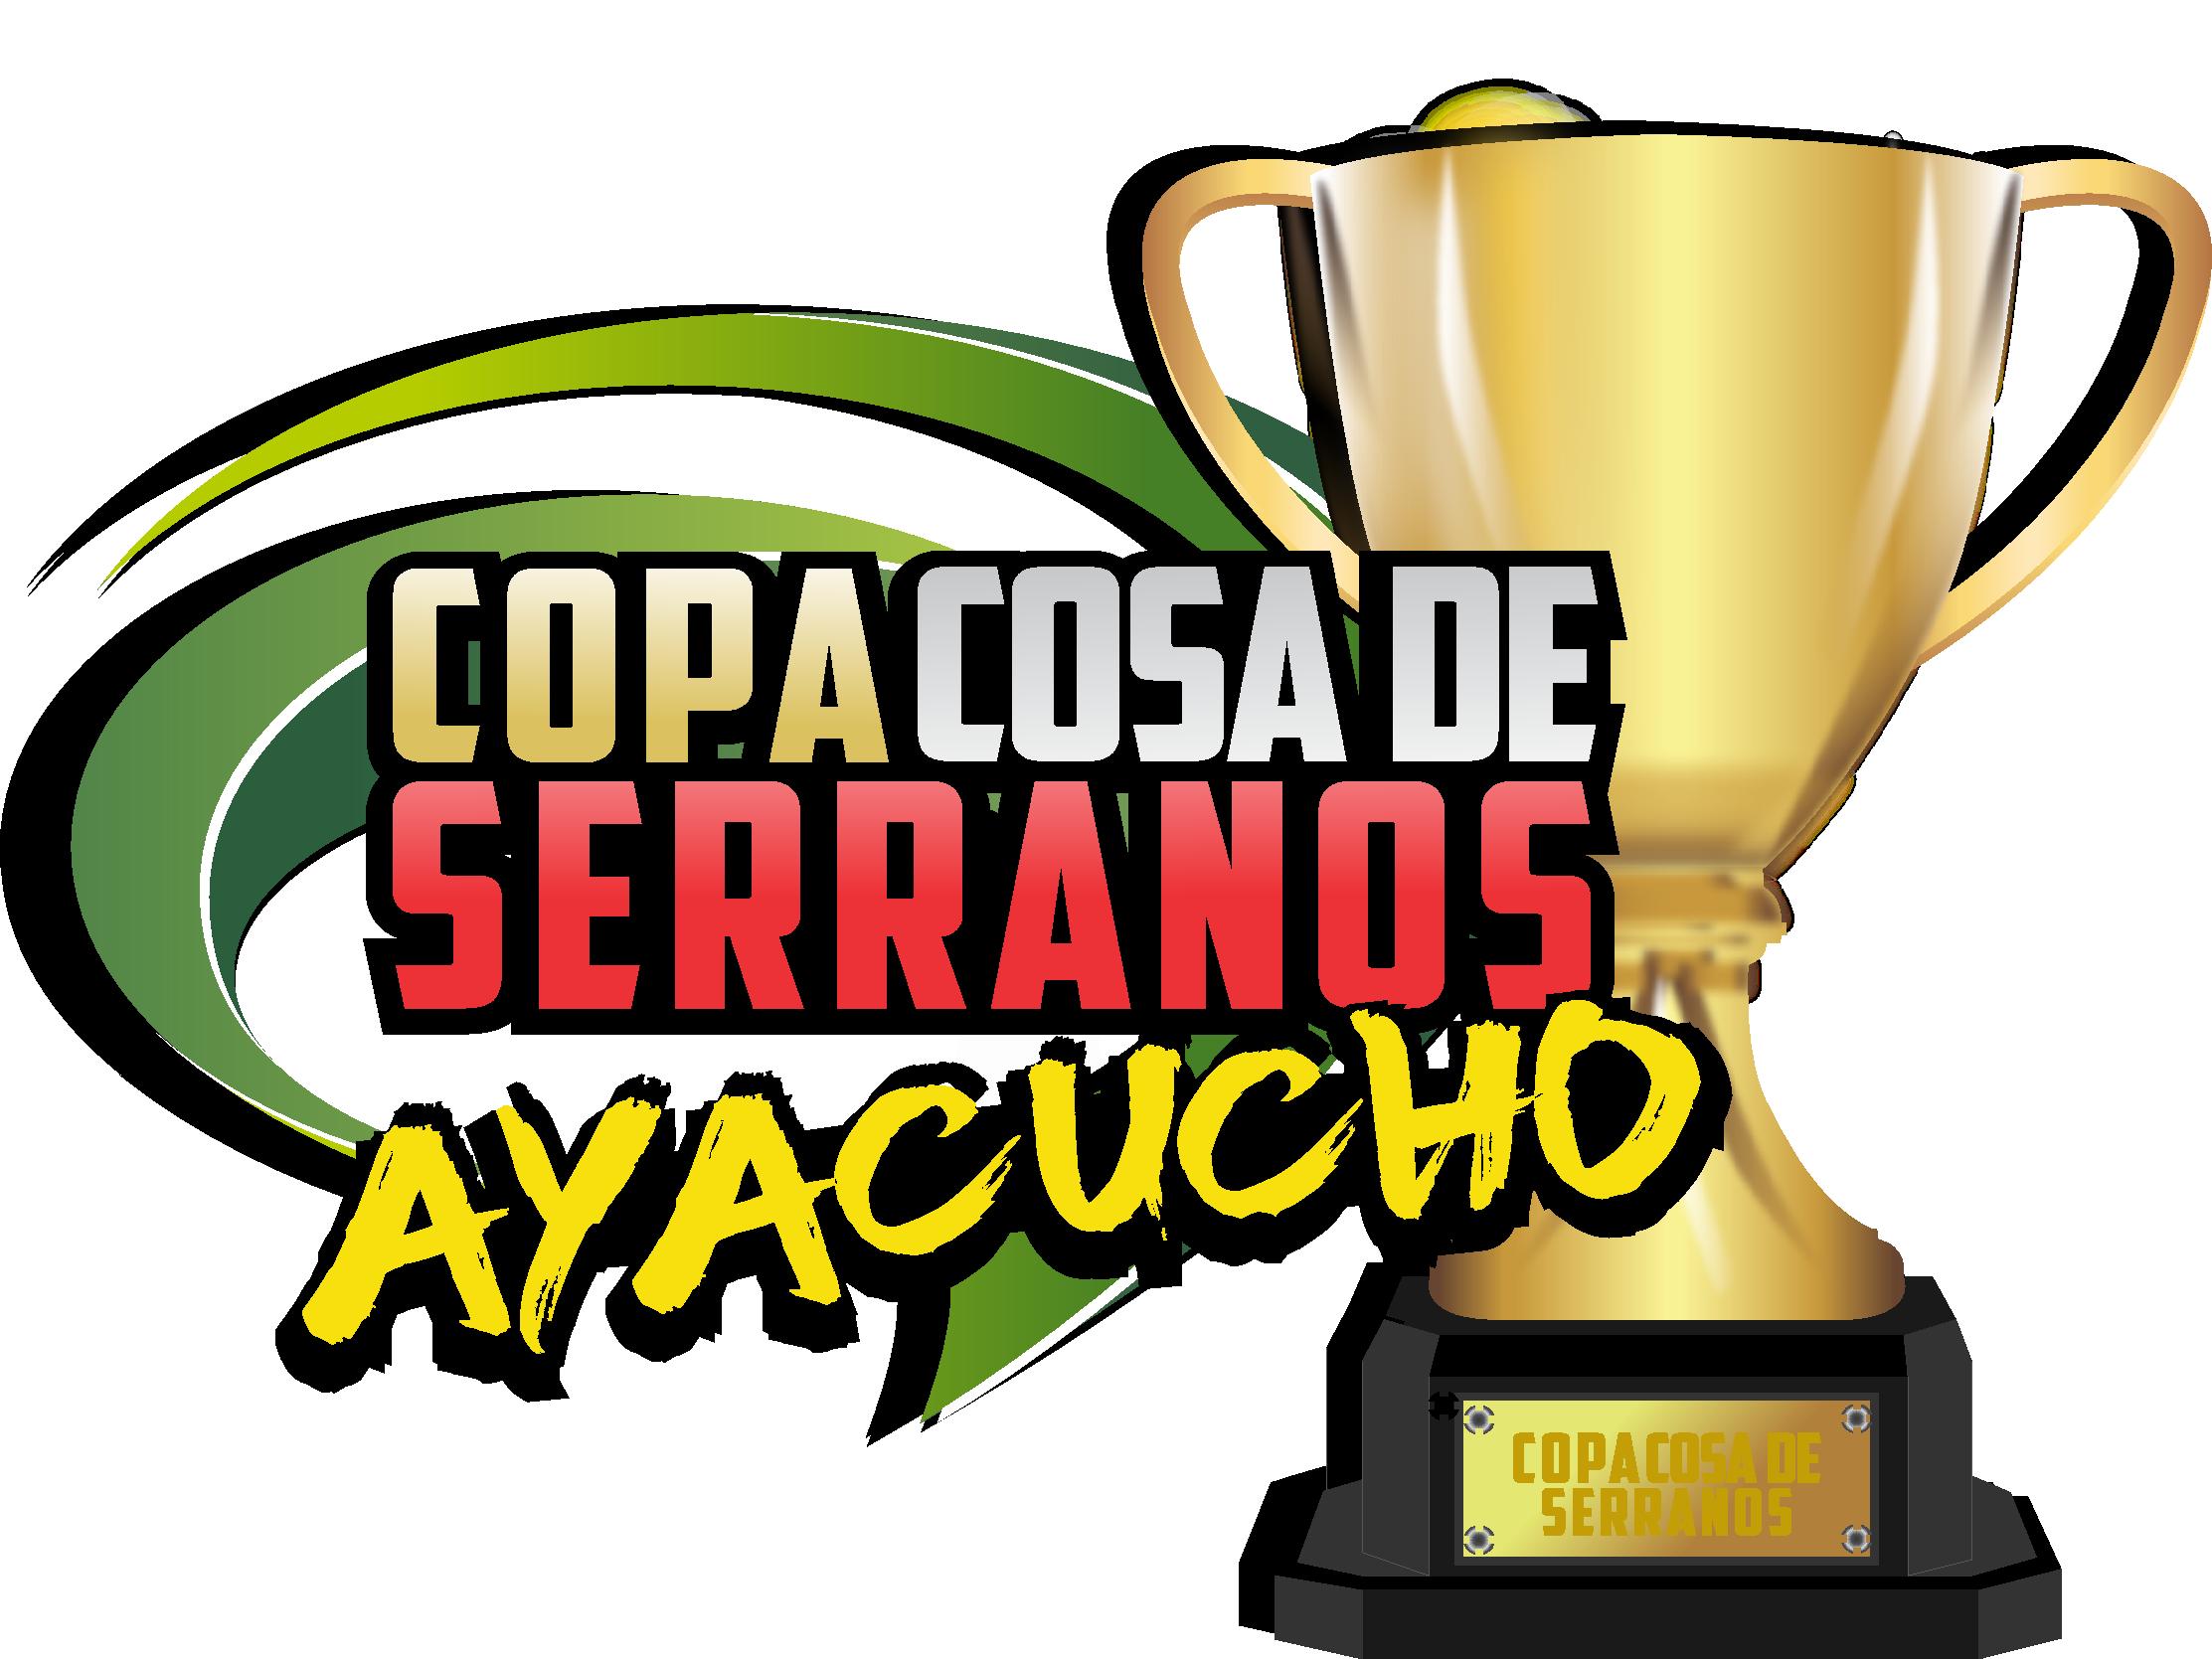 Ayacucho - Copa Cosa de Serranos